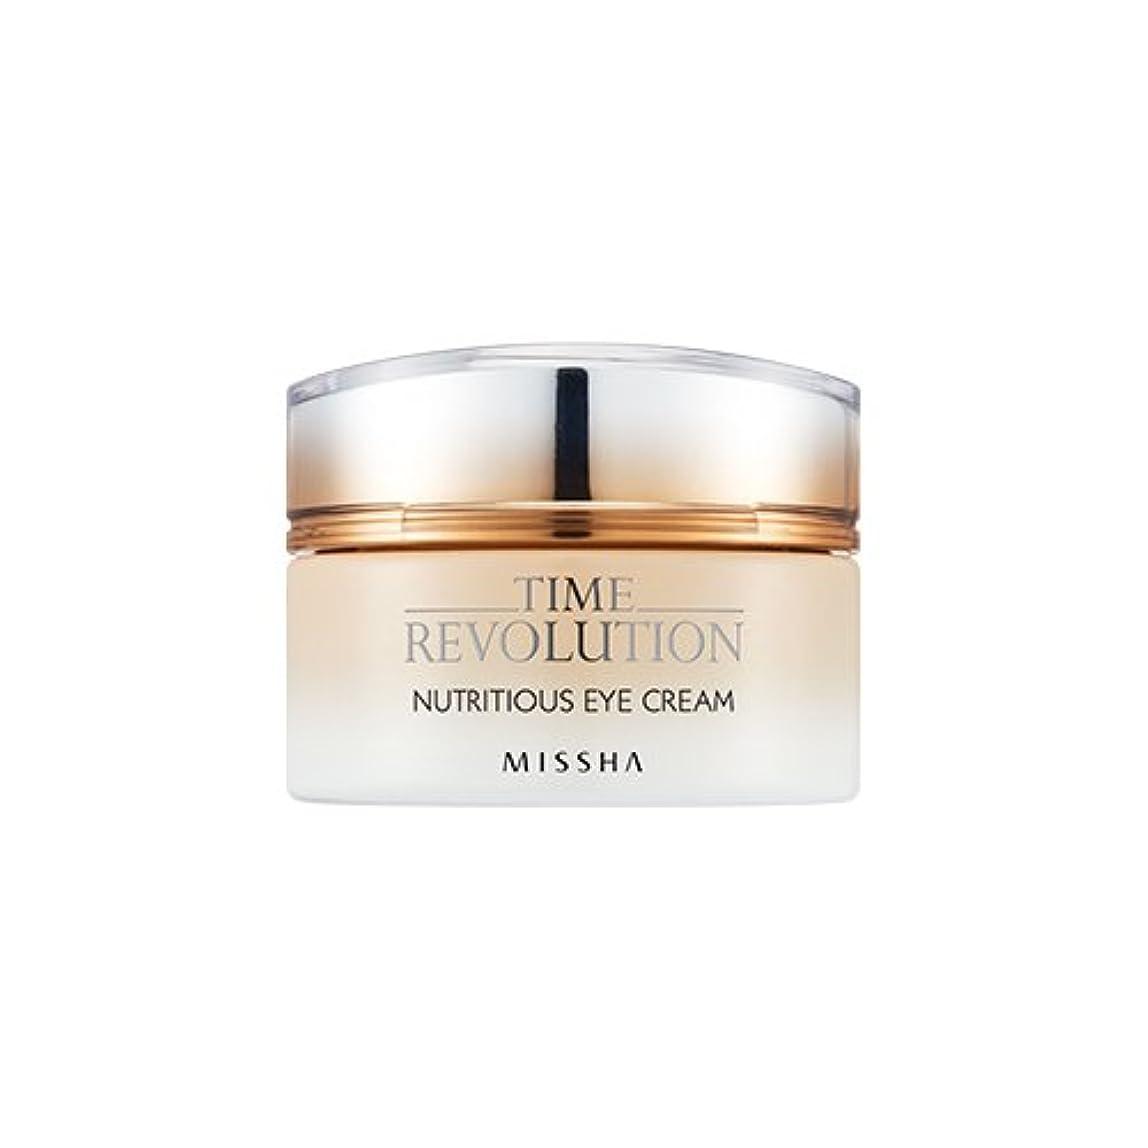 重さ流行している転送[New] MISSHA Time Revolution Nutritious Eye Cream 25ml/ミシャ タイム レボリューション ニュートリシャス アイクリーム 25ml [並行輸入品]